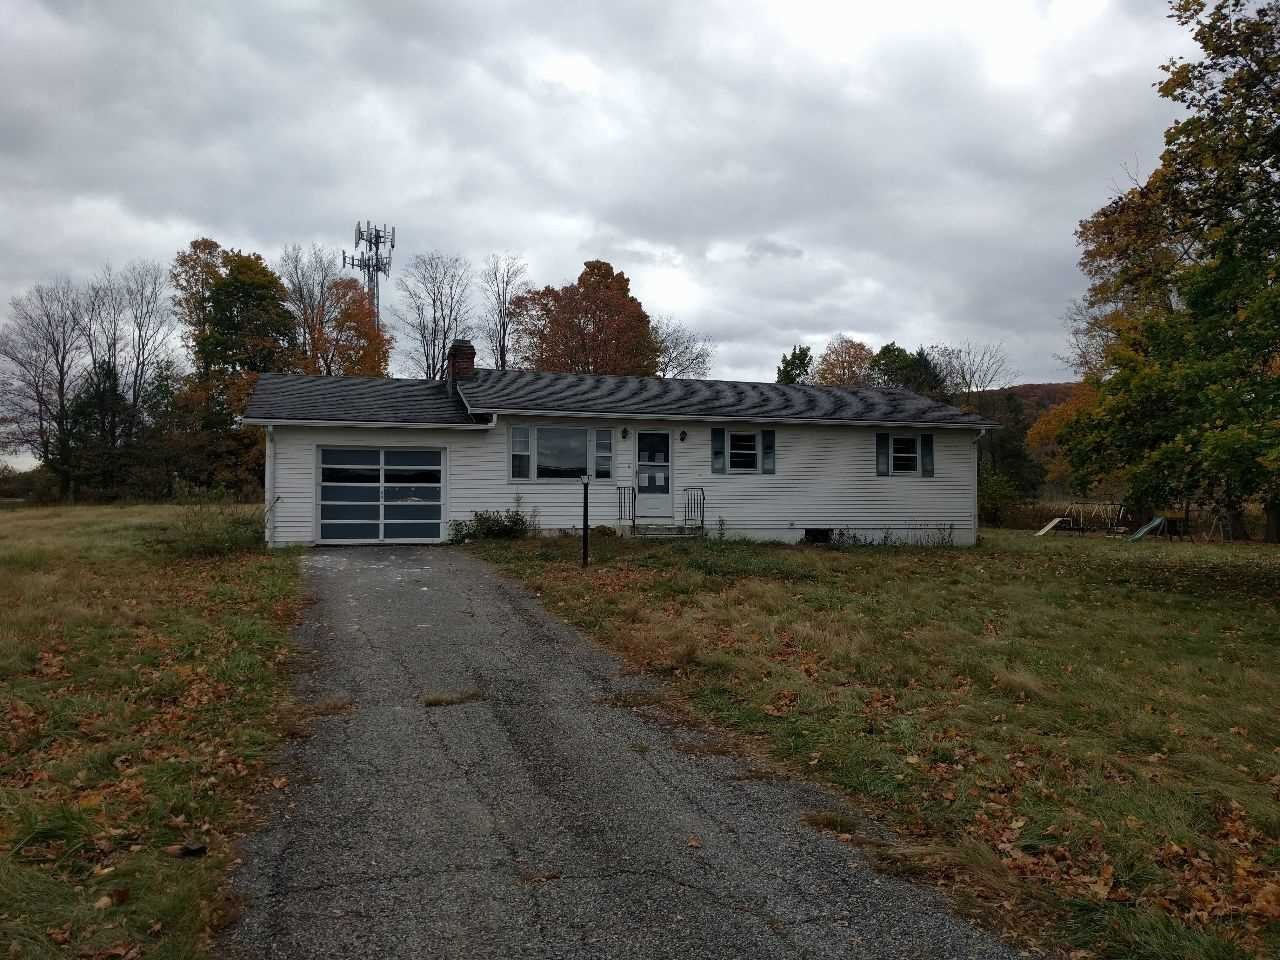 89 DEPOT HILL RD, Amenia, NY 12501